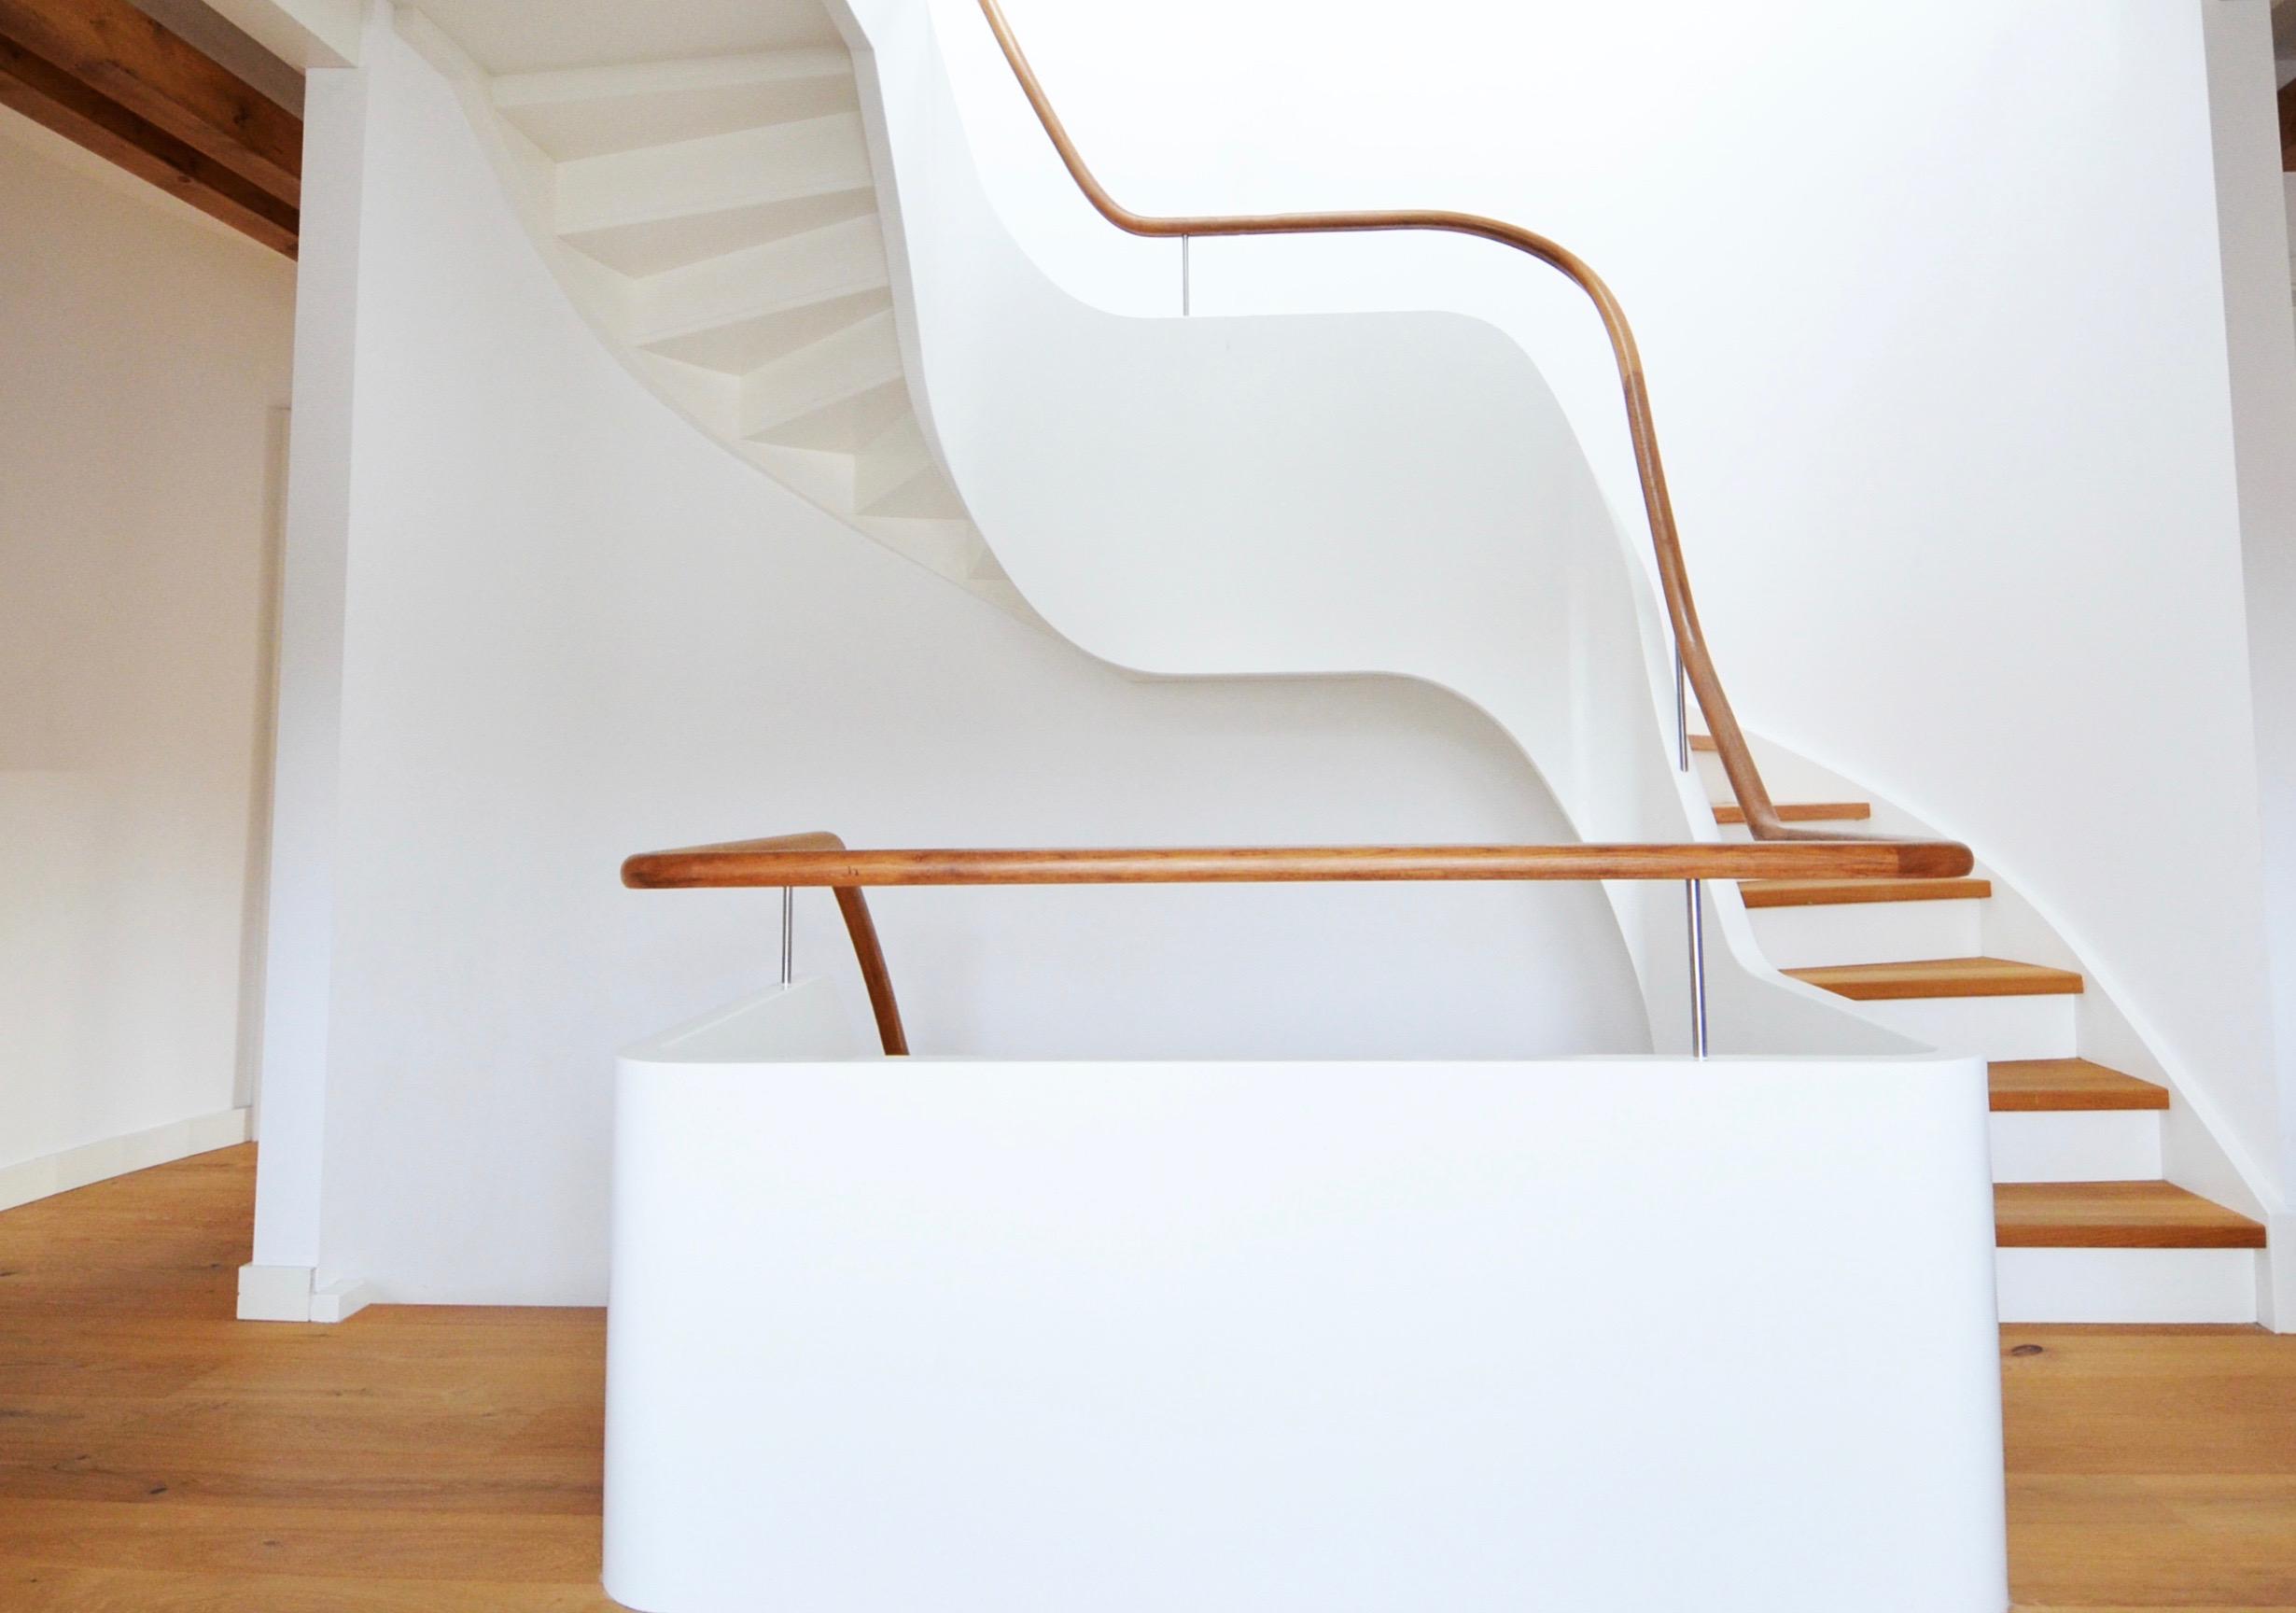 Treppenbau Diehl in Frankfurt. Wangentreppe mit bestechender Leichtigkeit-1